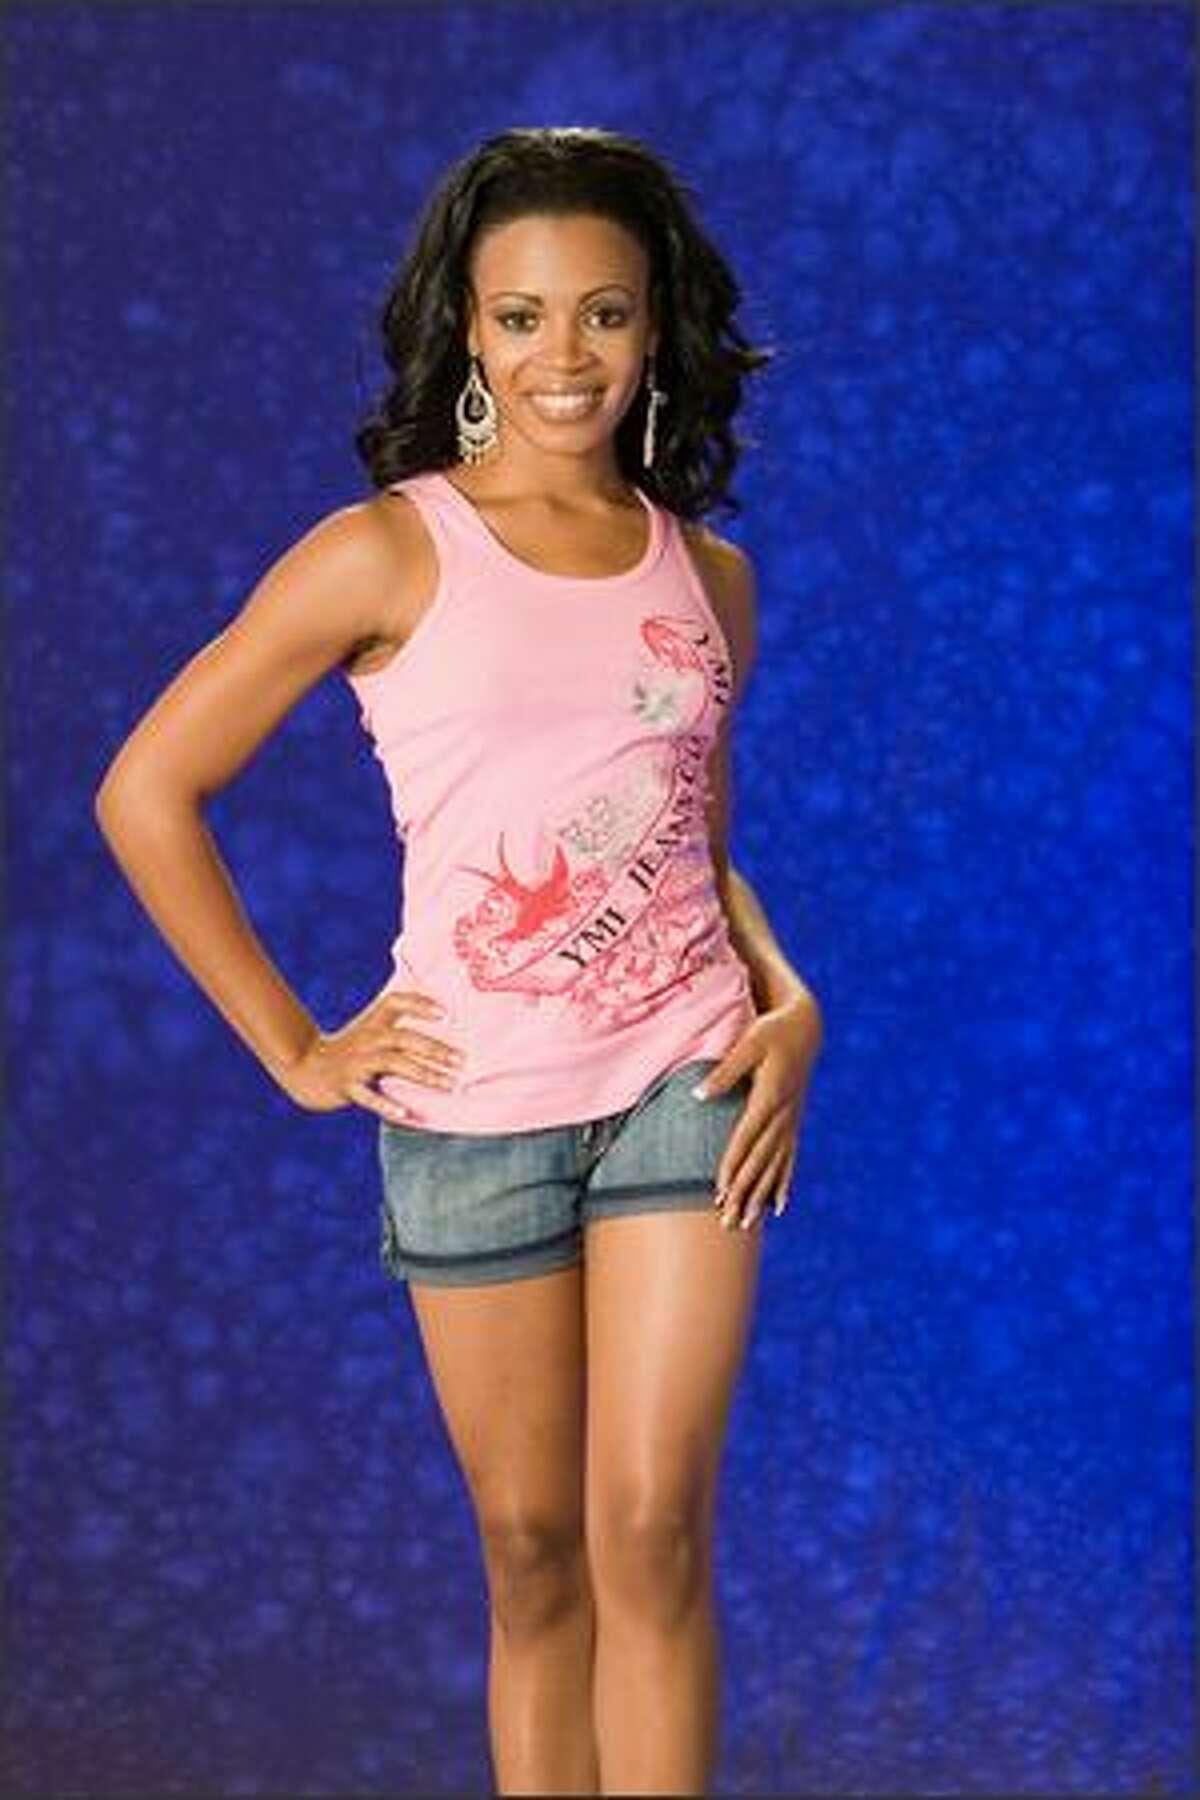 Trinere Lynes, Miss Bahamas 2007.